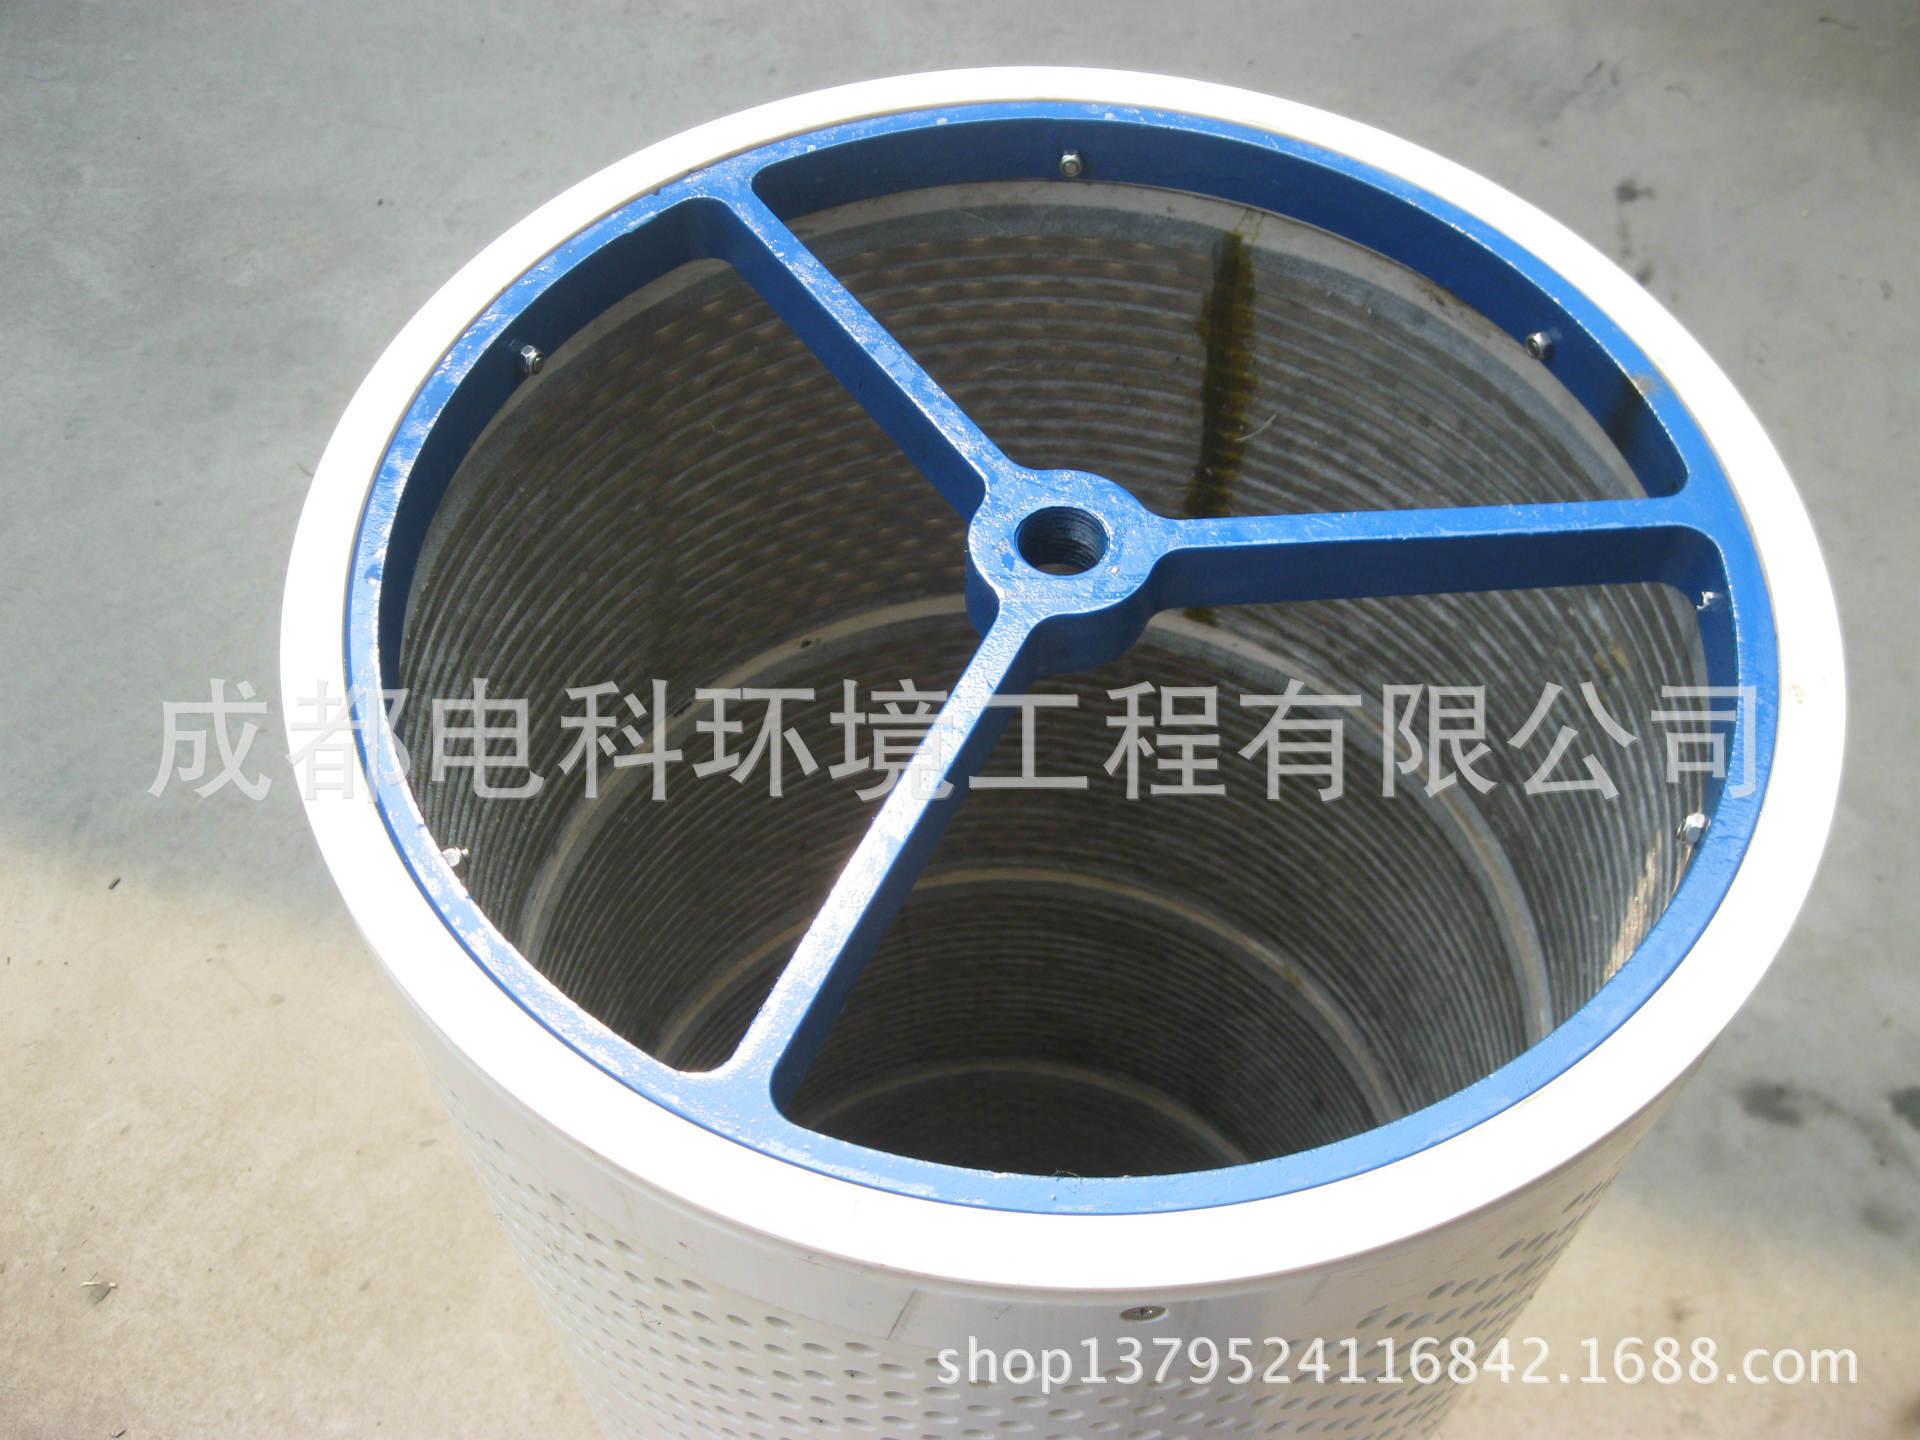 厂商供应不锈钢滤网 316L不锈钢 过滤器滤网滤芯滤筒